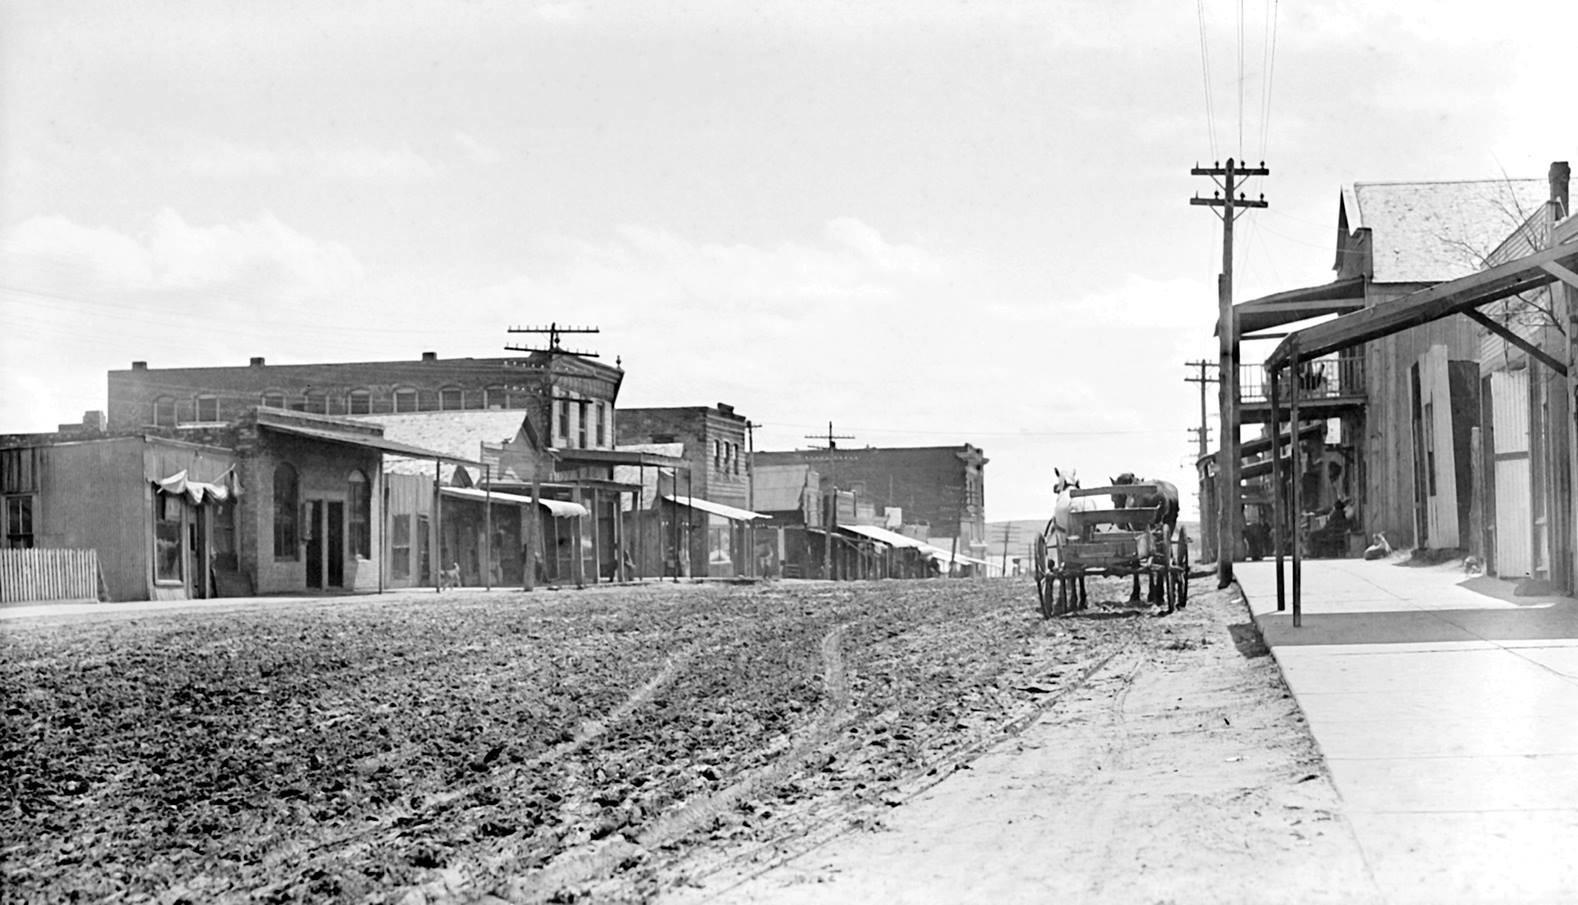 BOLEY, OKLAHOMA 1922